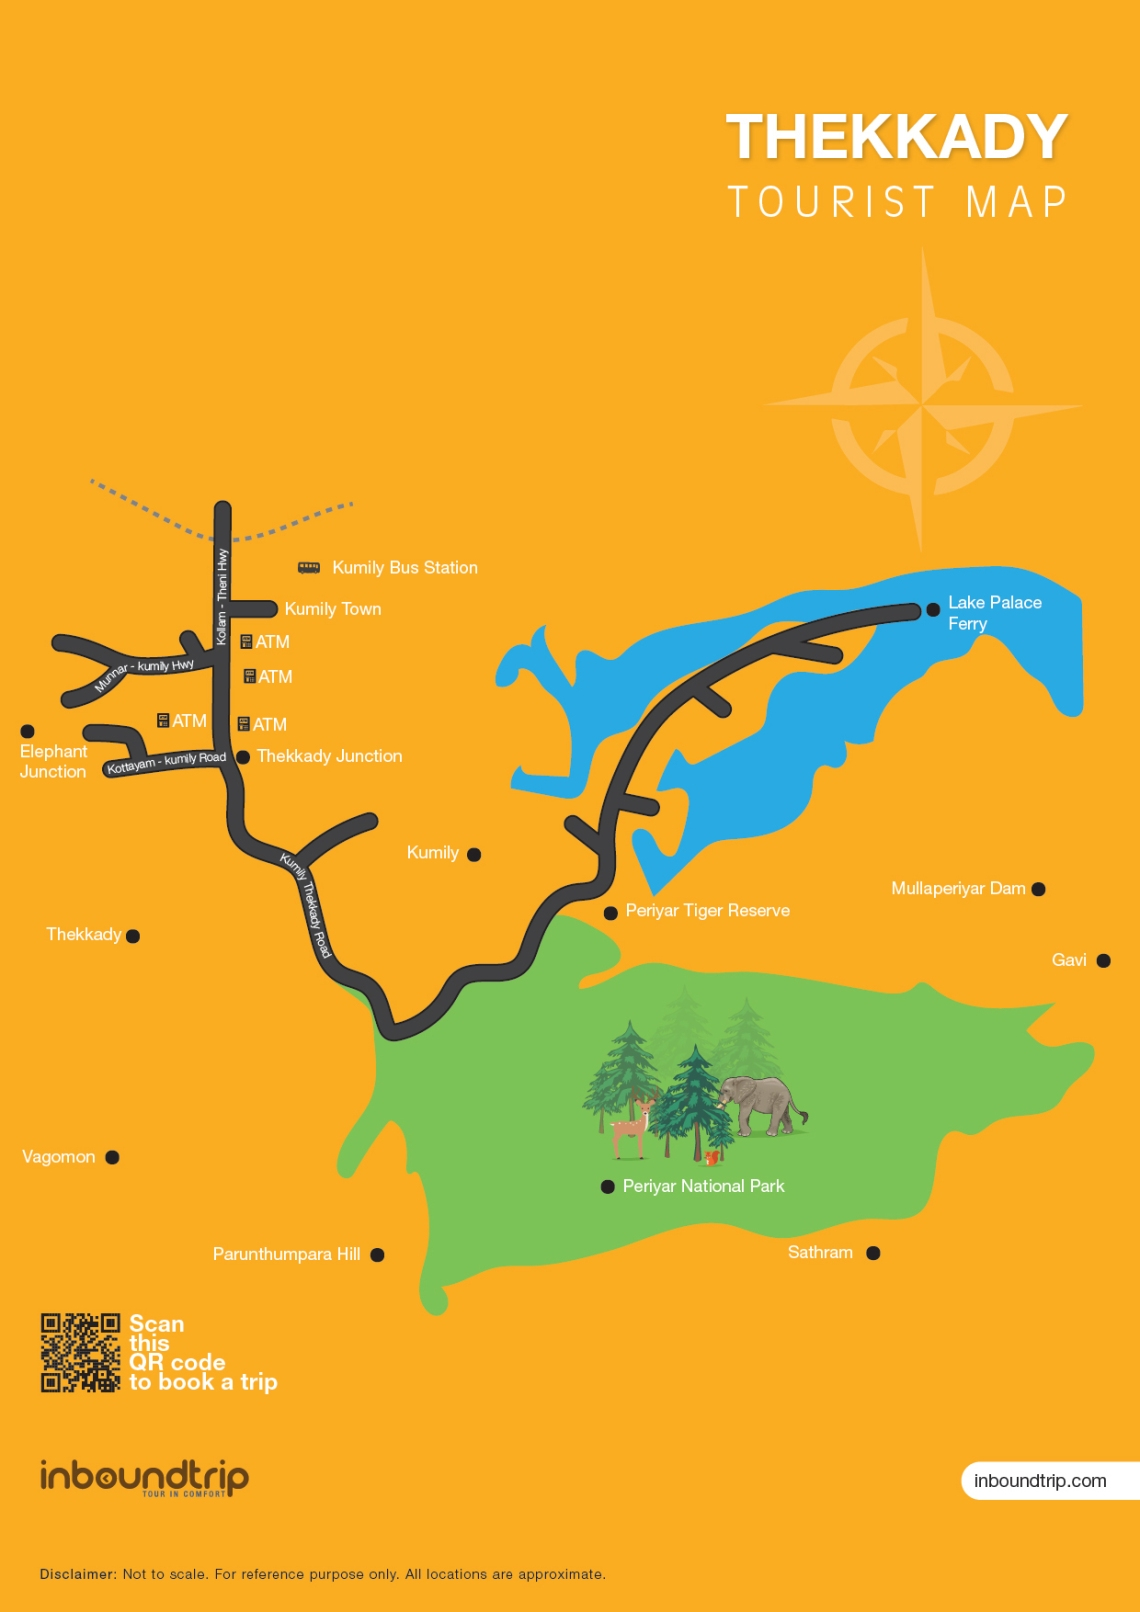 Thekkady-Tourist-Map